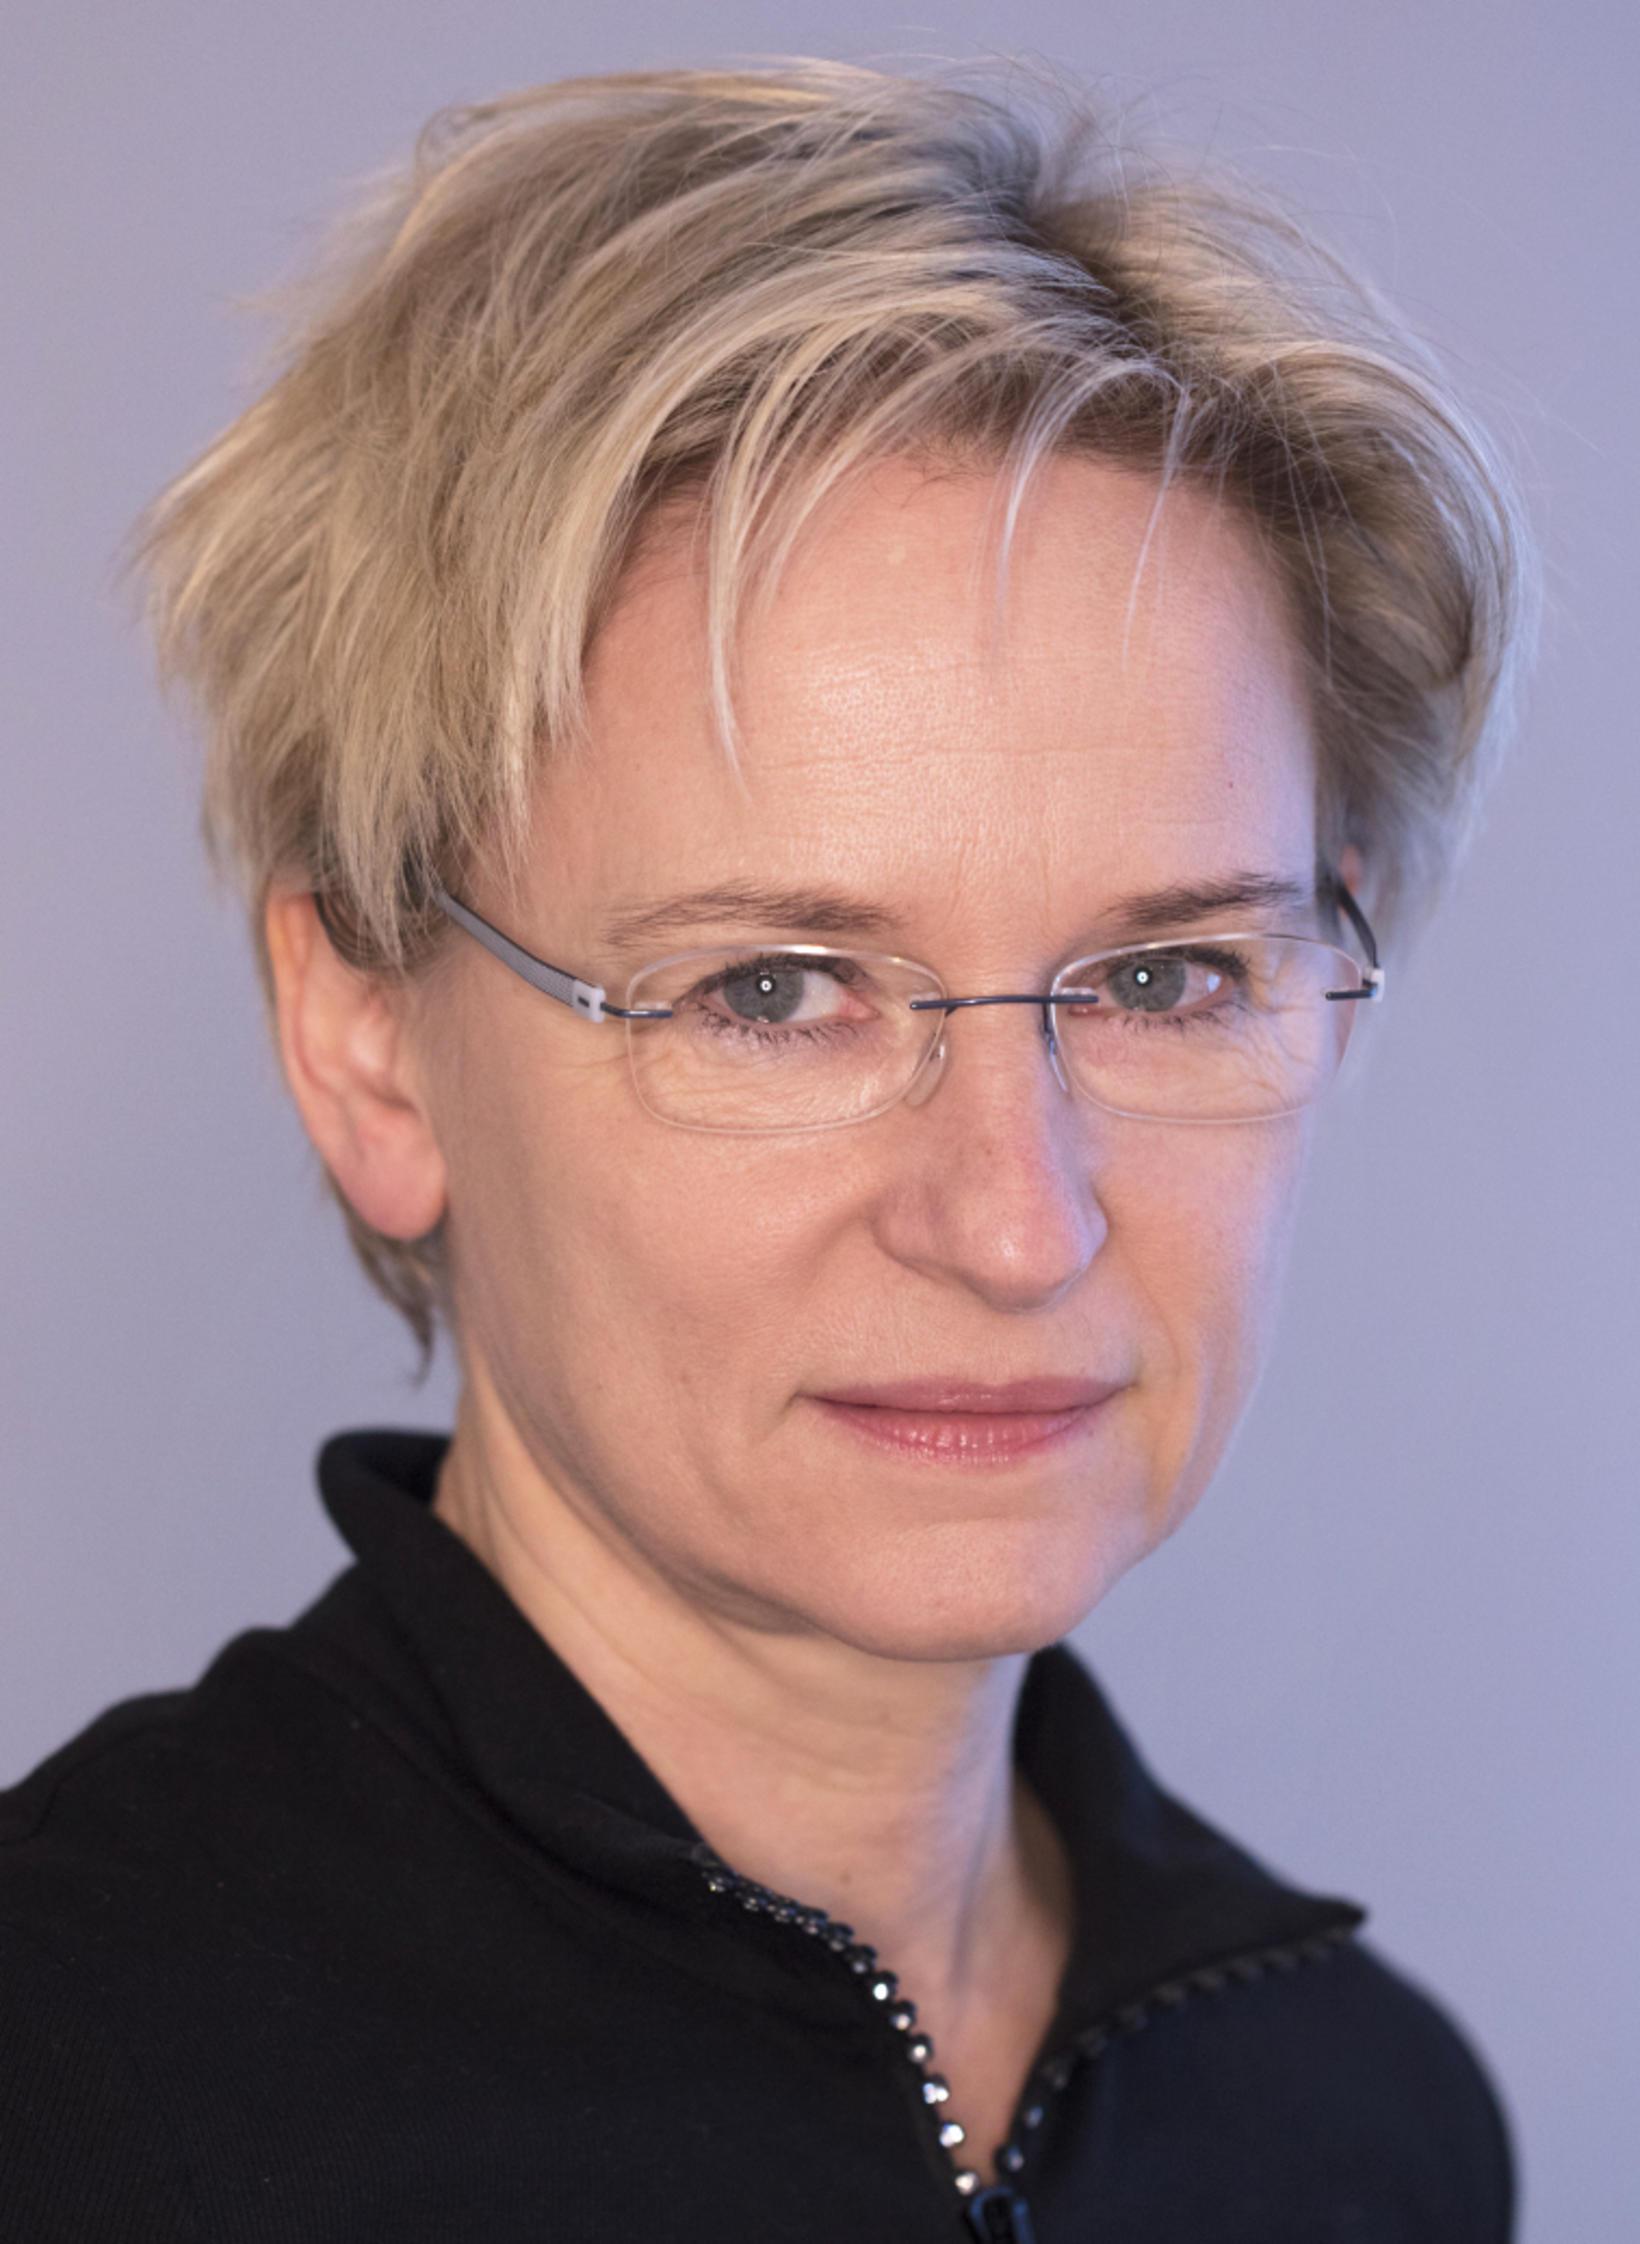 Bergþóra Þorkelsdóttir, forstjóri Vegagerðarinnar.